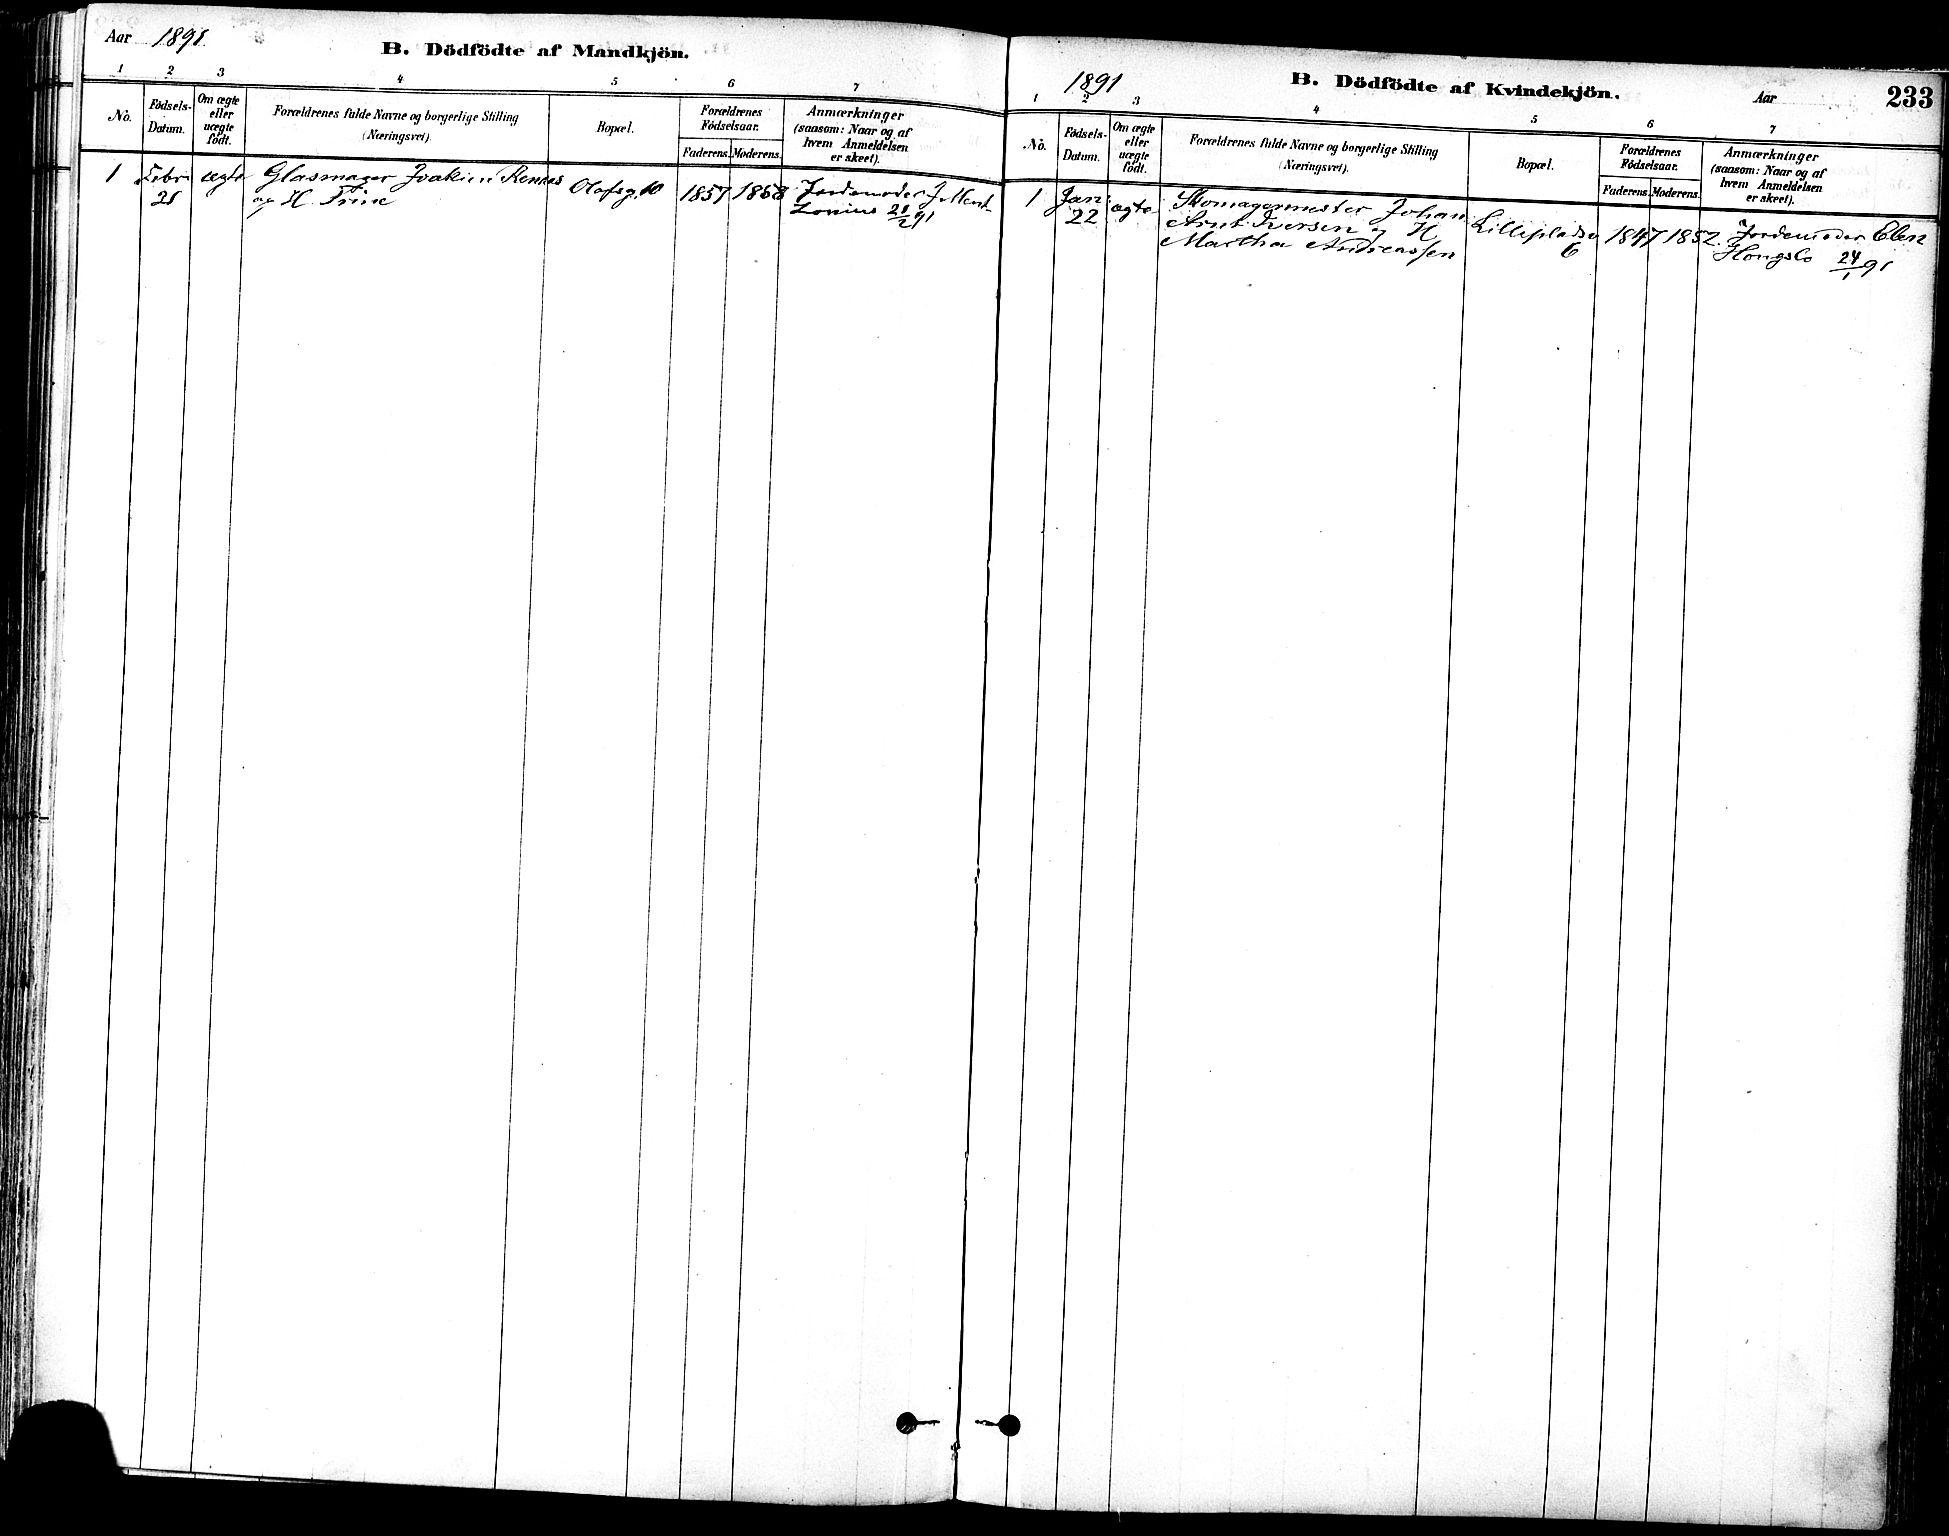 SAT, Ministerialprotokoller, klokkerbøker og fødselsregistre - Sør-Trøndelag, 601/L0057: Ministerialbok nr. 601A25, 1877-1891, s. 233